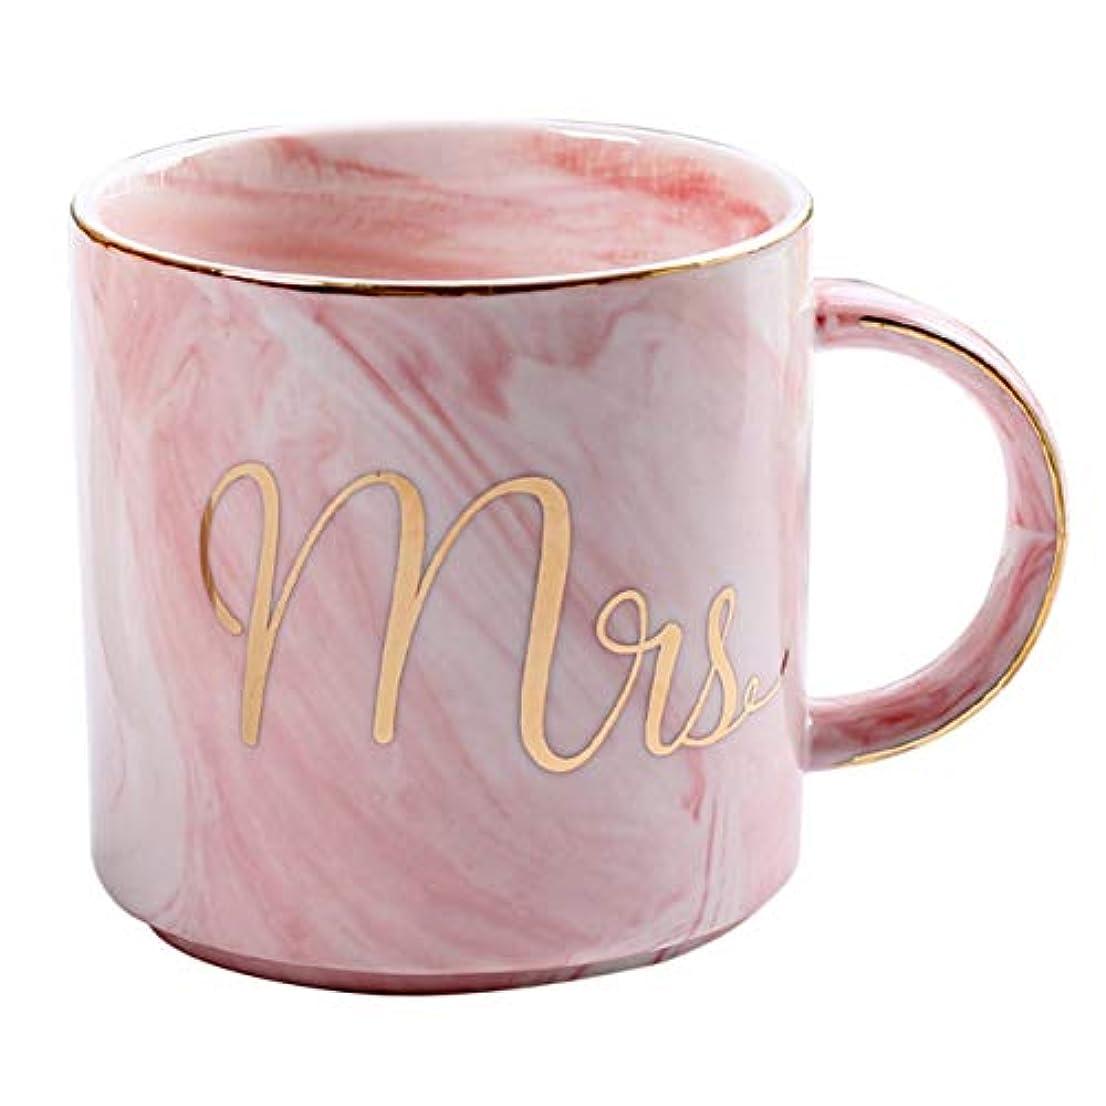 概してビジネスバンジョーSaikogoods 愛好家のためのホームオフィスベストギフトのための美しいMarbelパターンセラミック水マグレタープリントコーヒーカップ ピンク